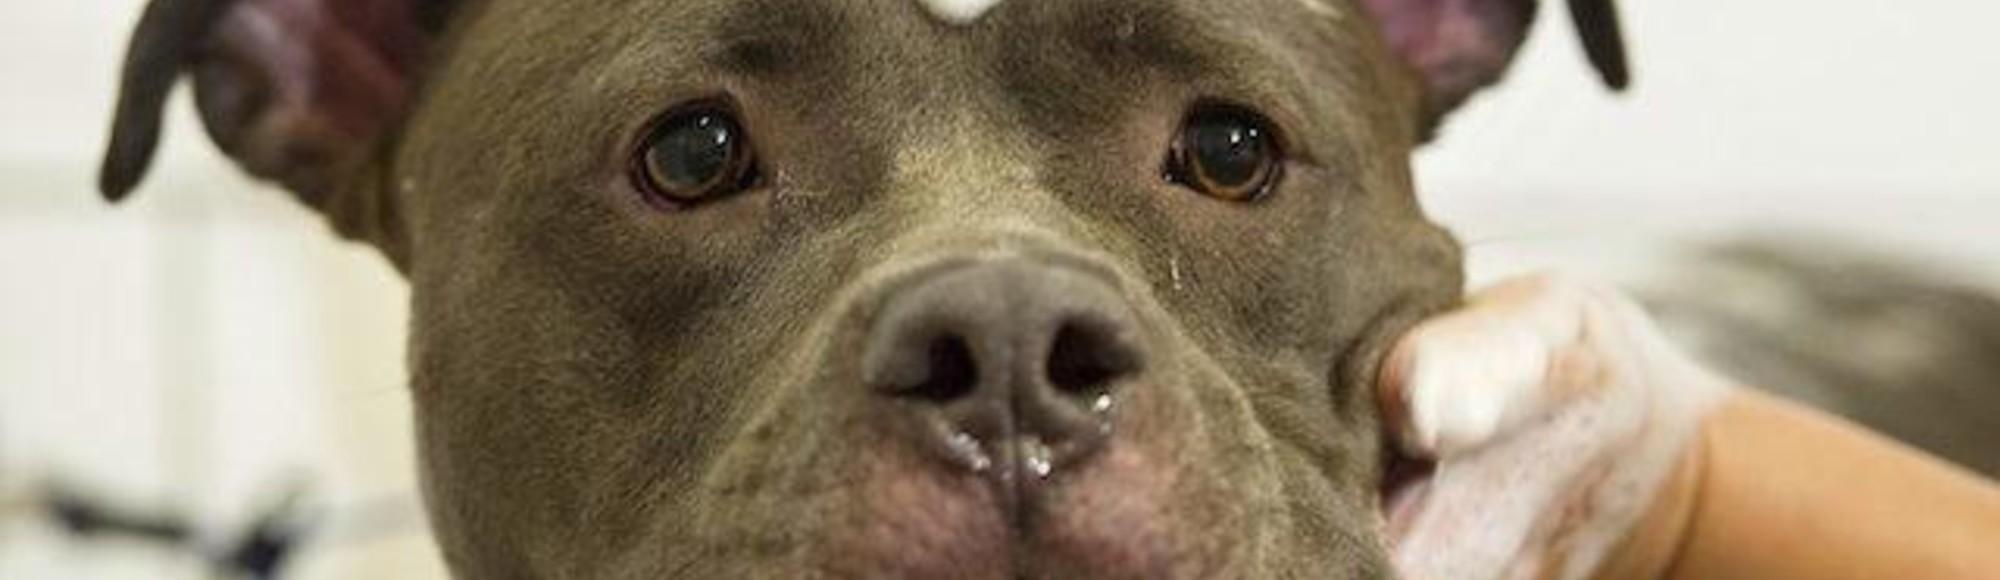 Why Pitbull Bans Are Bullshit